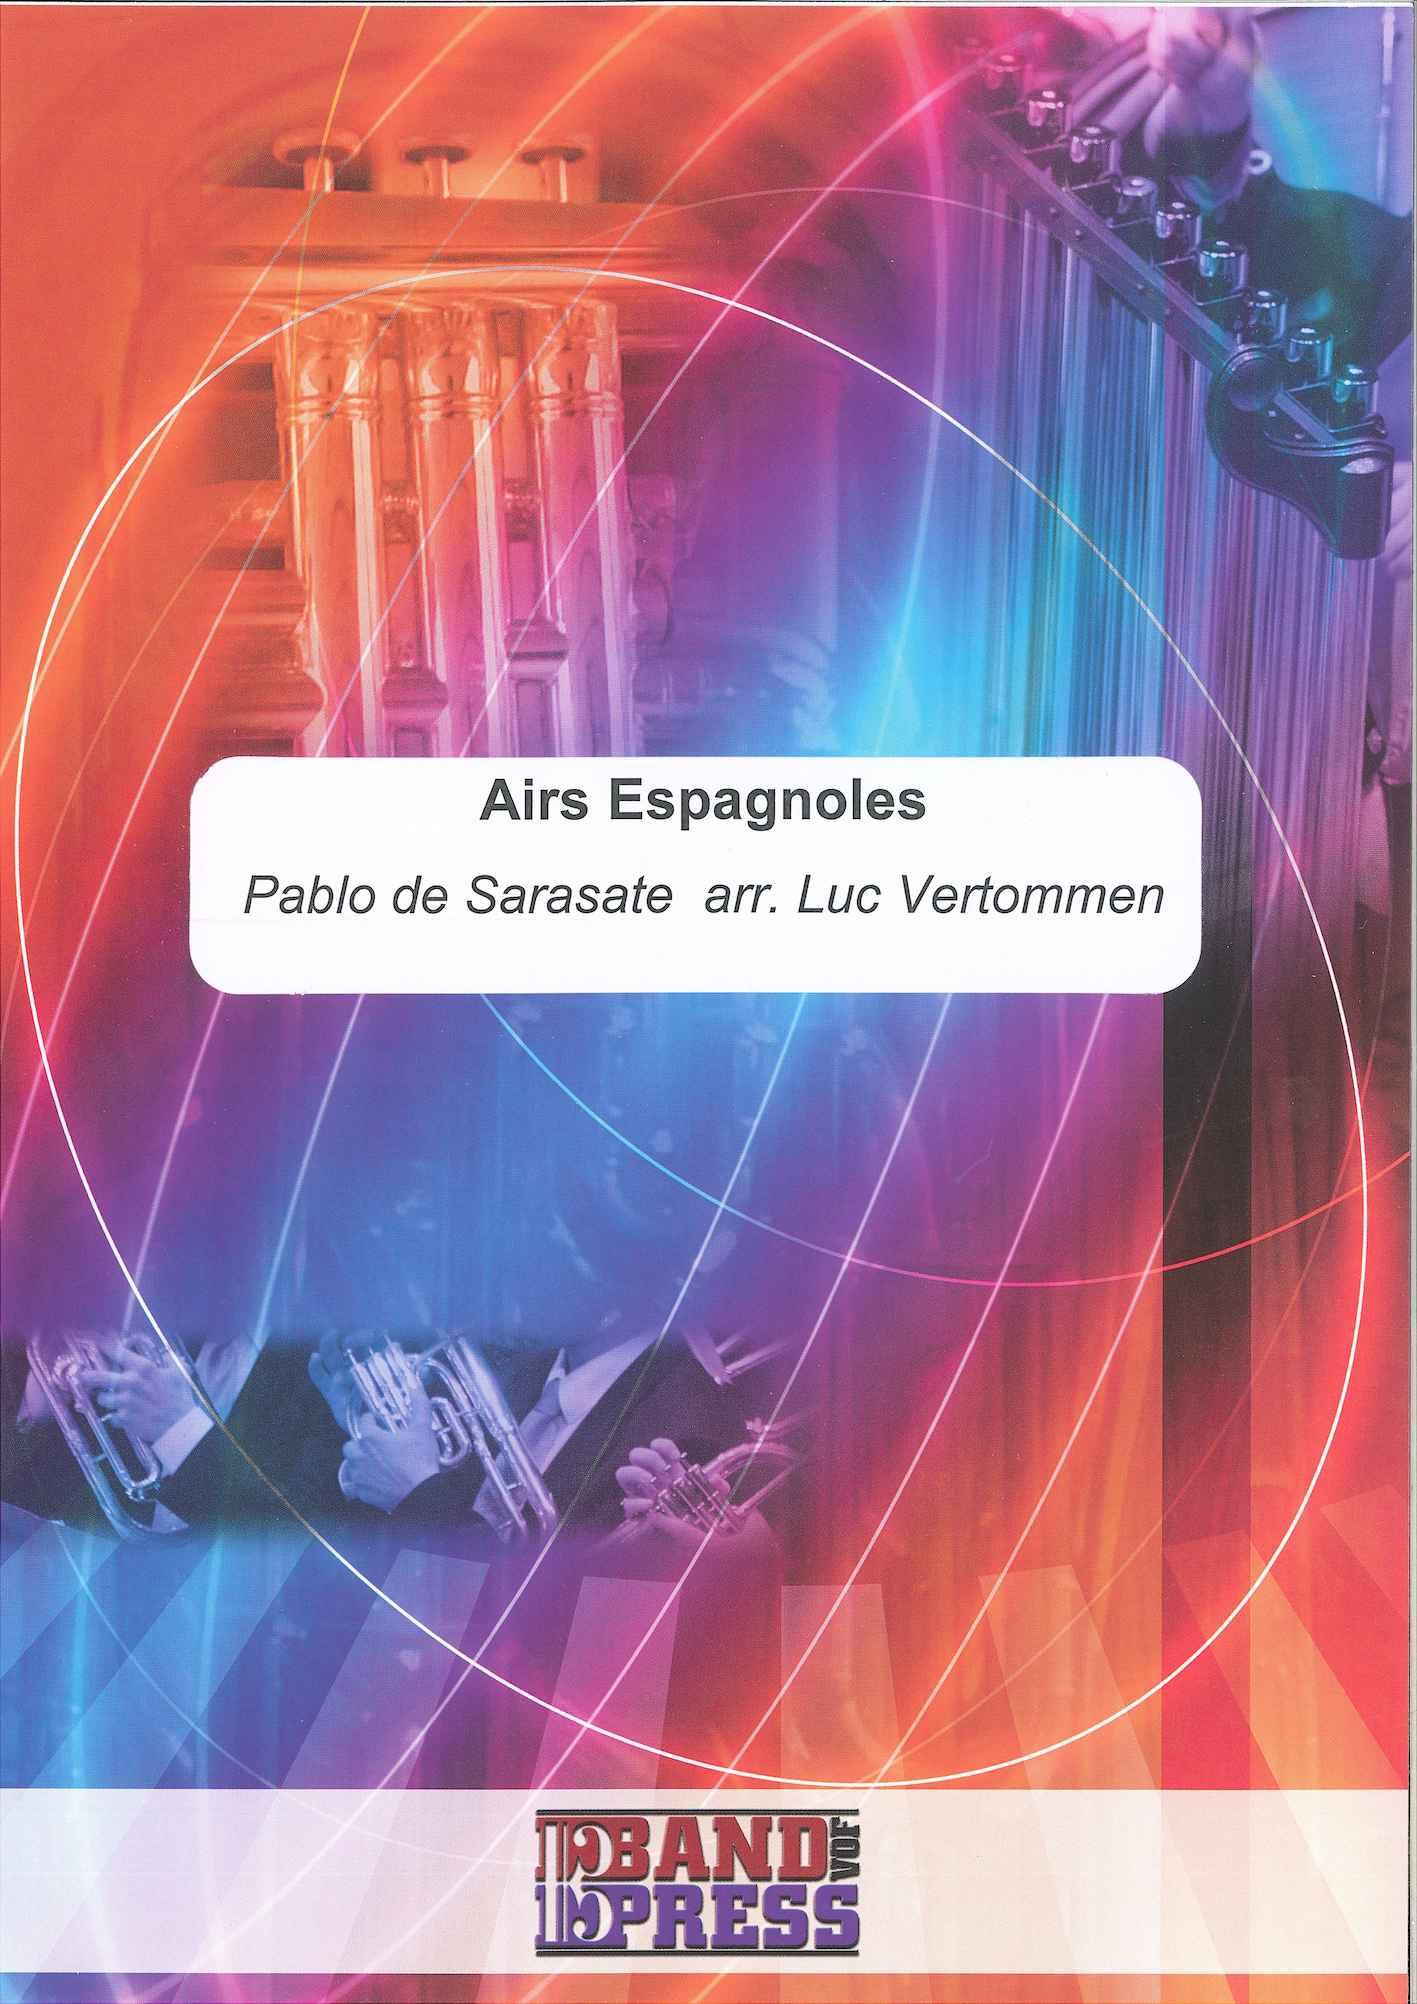 Airs Espagnoles - Pablo de Sarasate Arr. Luc Vertommen - Euph and Piano